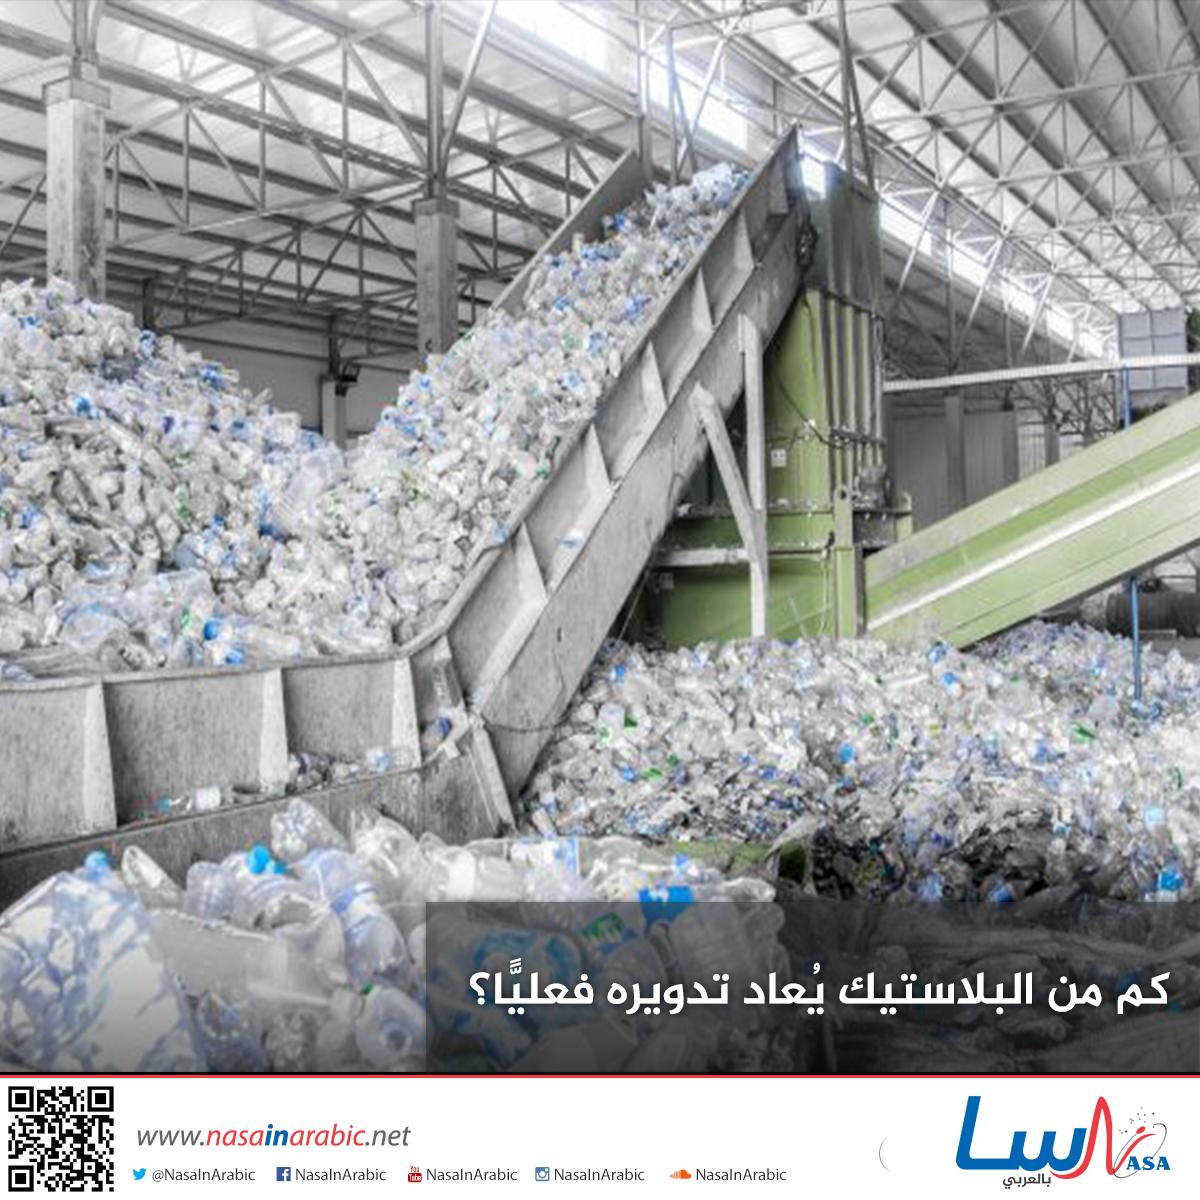 كم من البلاستيك يُعاد تدويره فعليًّا؟